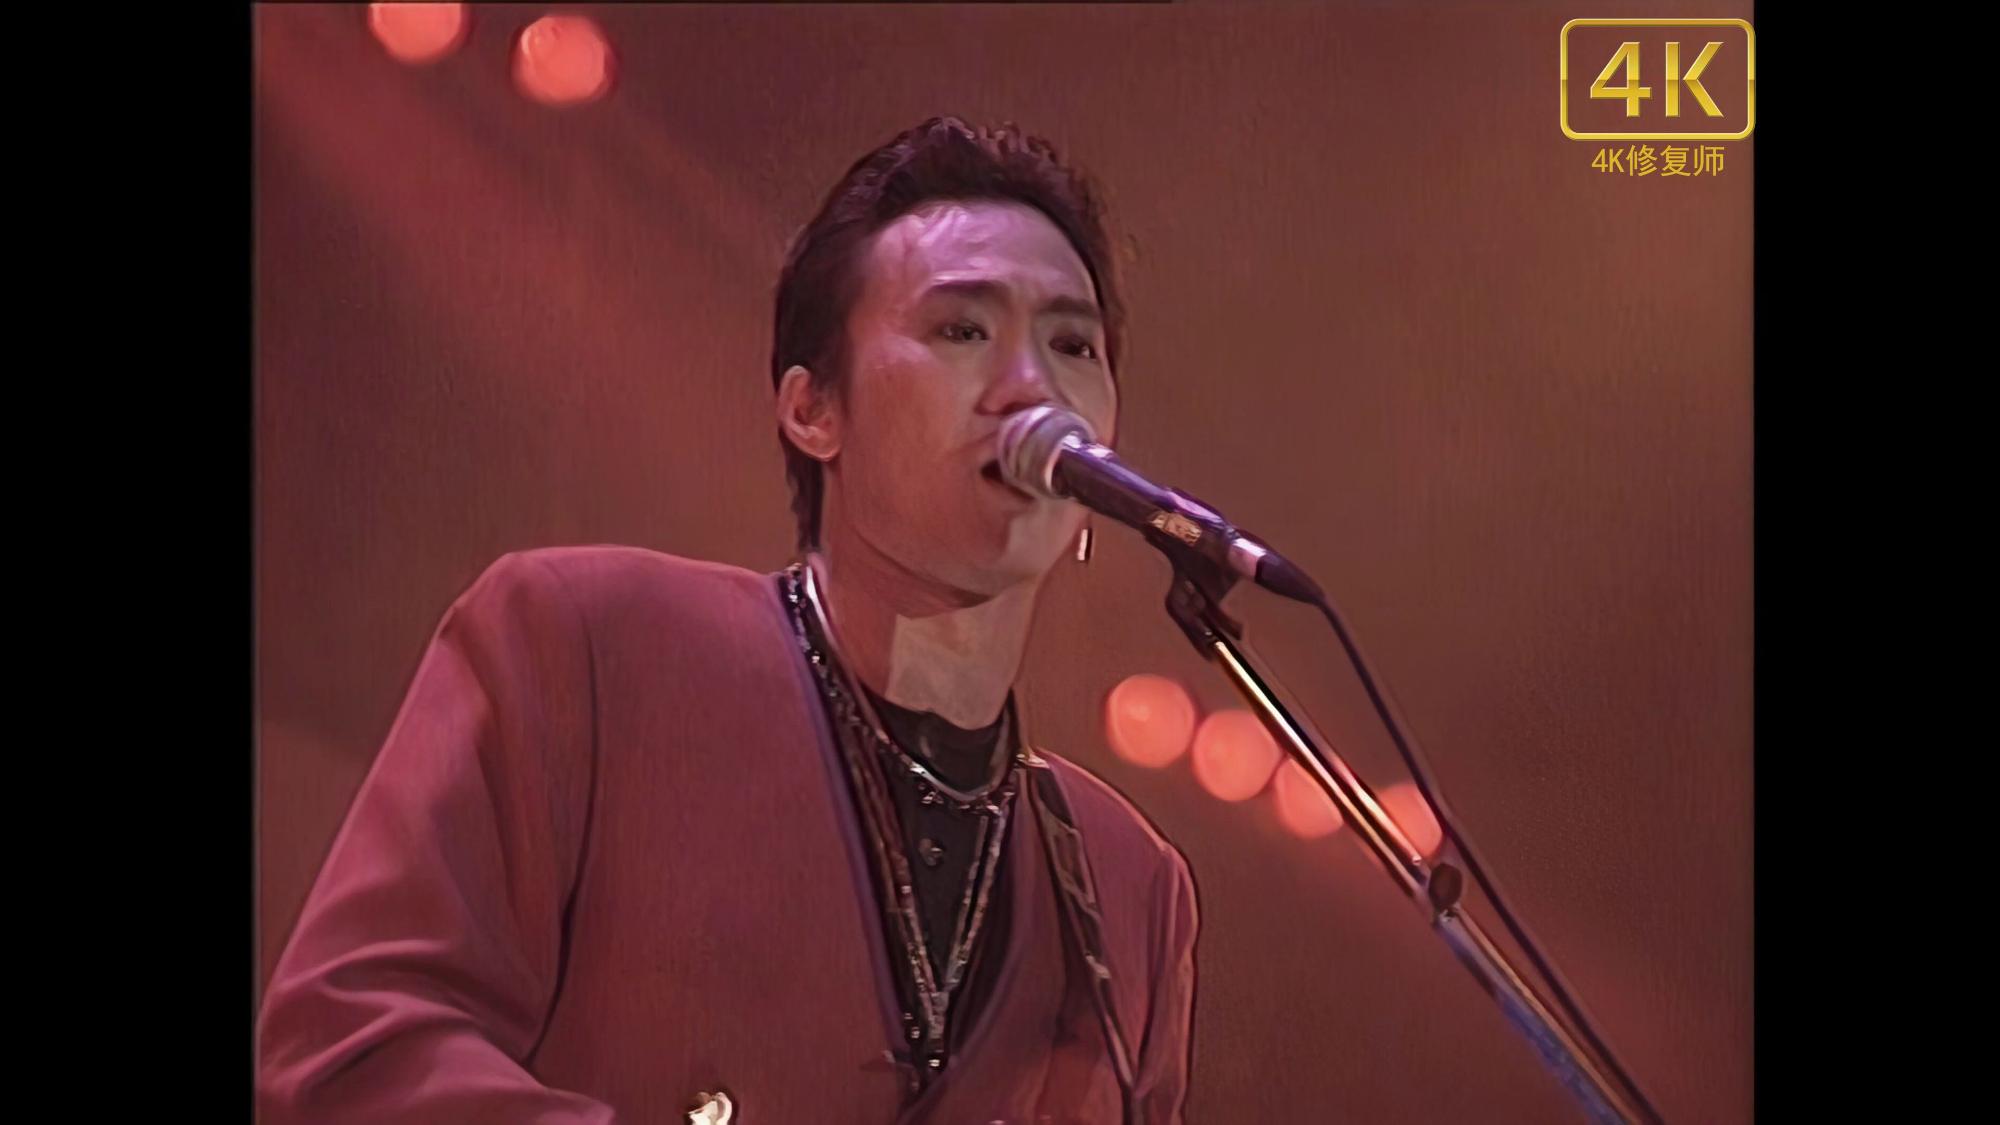 【4K修复】Beyond 1991 生命接触演唱会